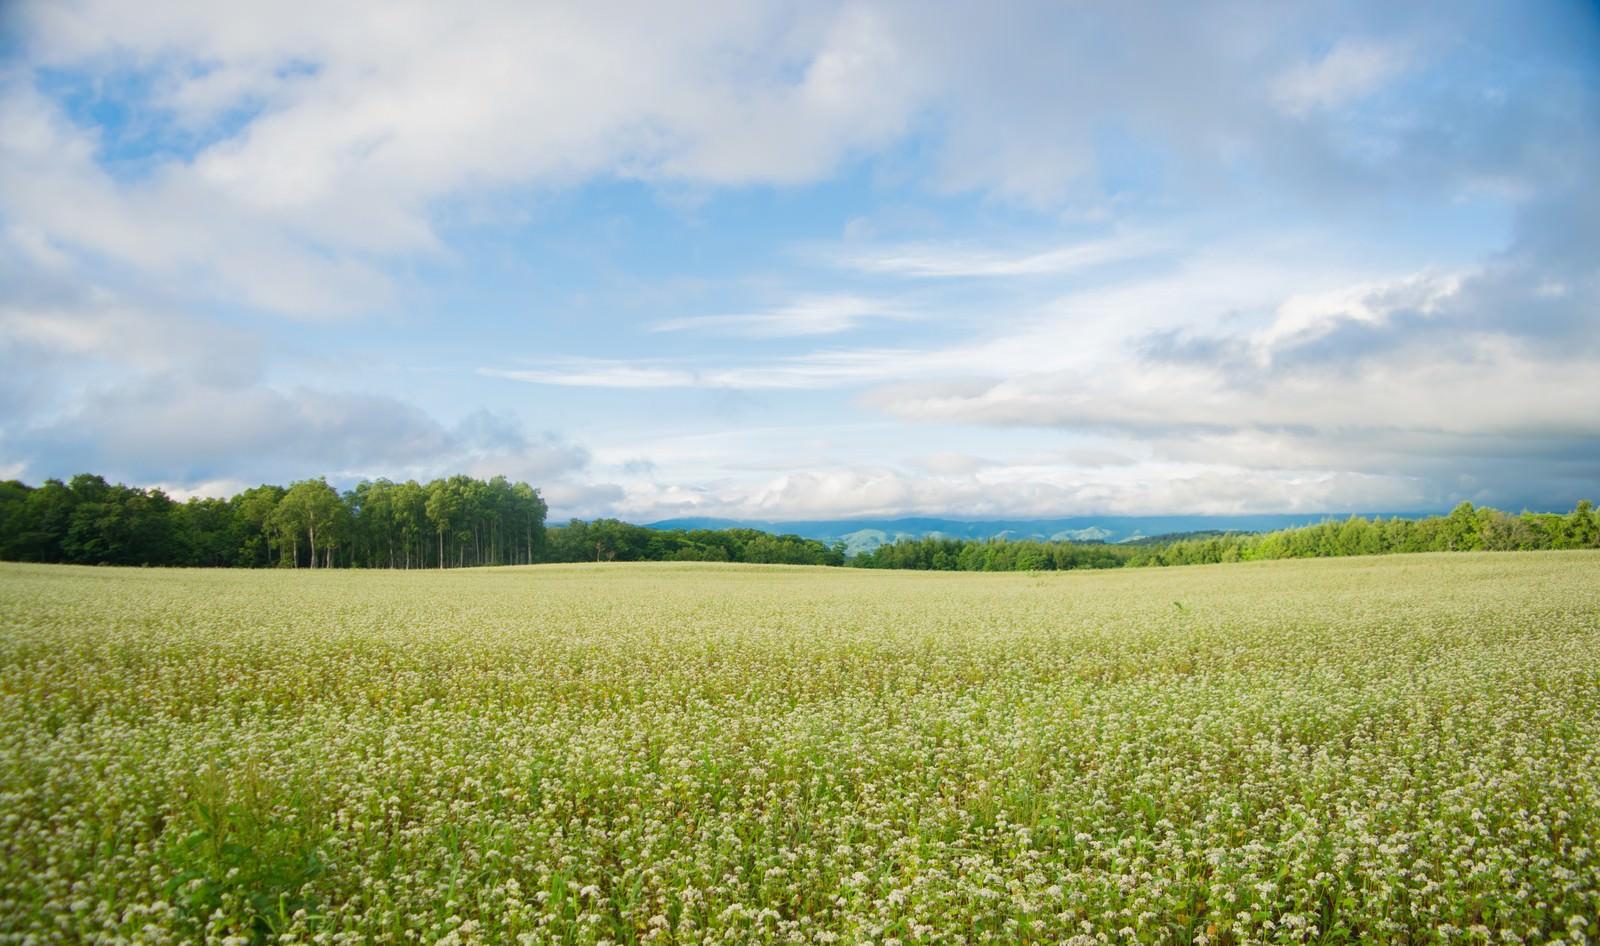 「広大に広がる畑の風景」の写真